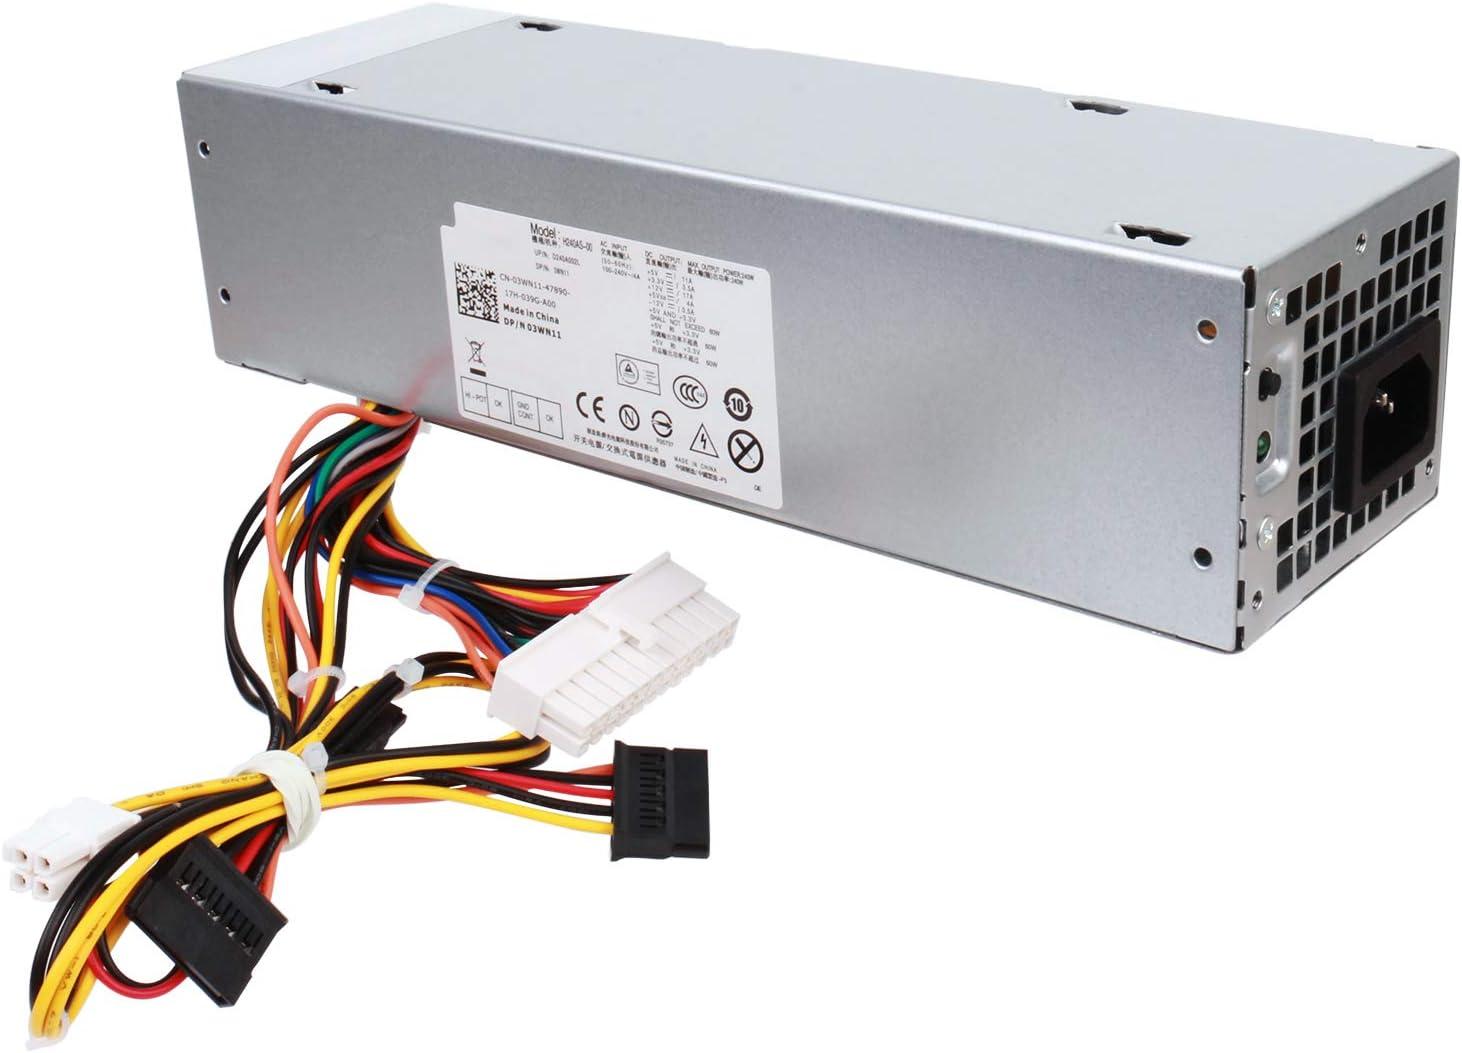 Alvar 240W Power Supply Unit for Dell OptiPlex 390 790 960 990 3010 9010 Small Form Factor System SFF H240AS-00 H240AS-01 H240ES-00 D240ES-00 AC240AS-00 AC240ES-00 L240AS-00 3WN11 PH3C2 2TXYM 709MT